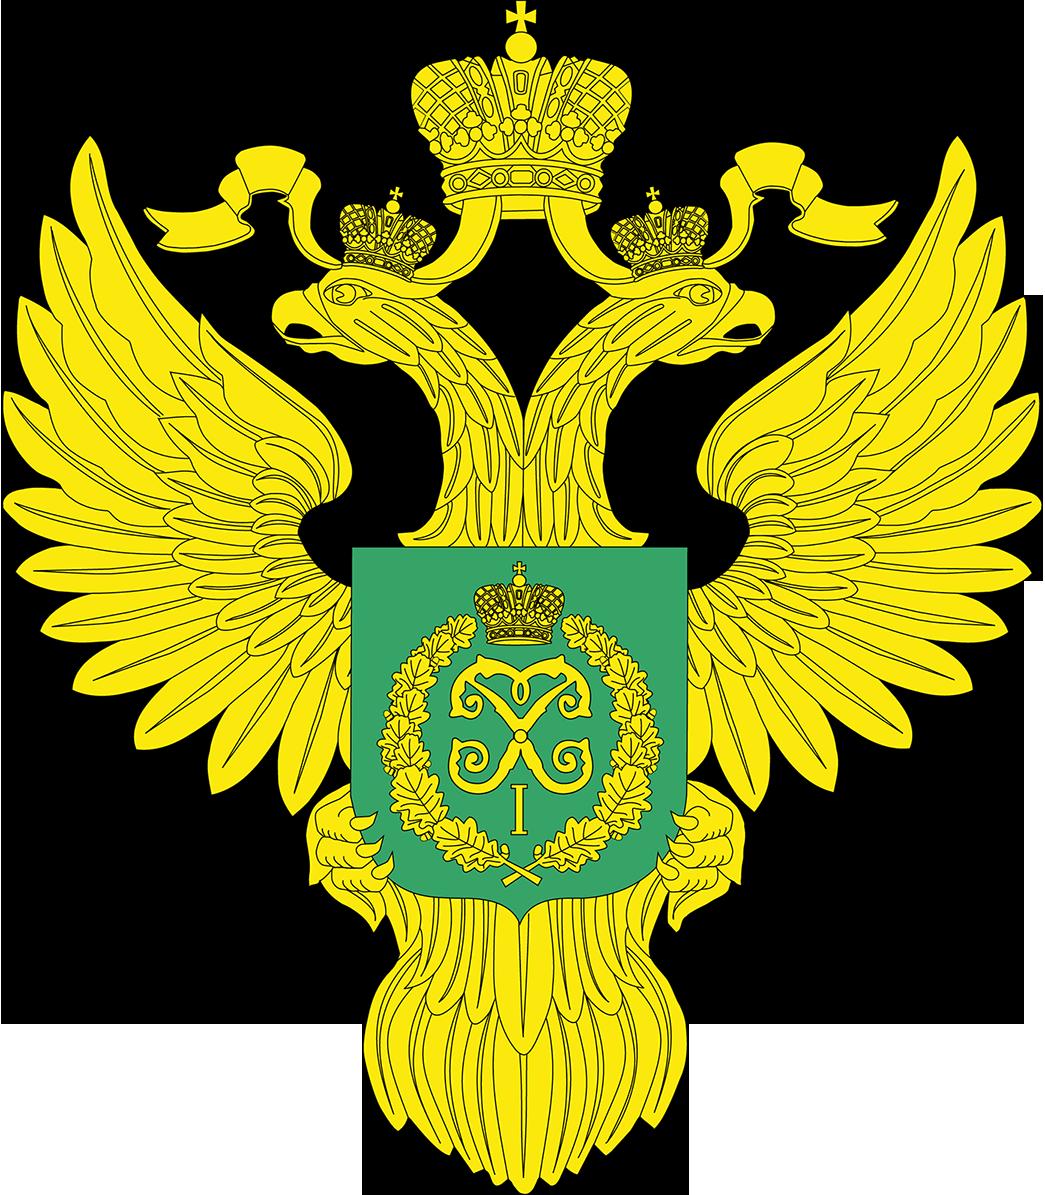 Федеральное агенство лесного хозяйства Российской Федерации